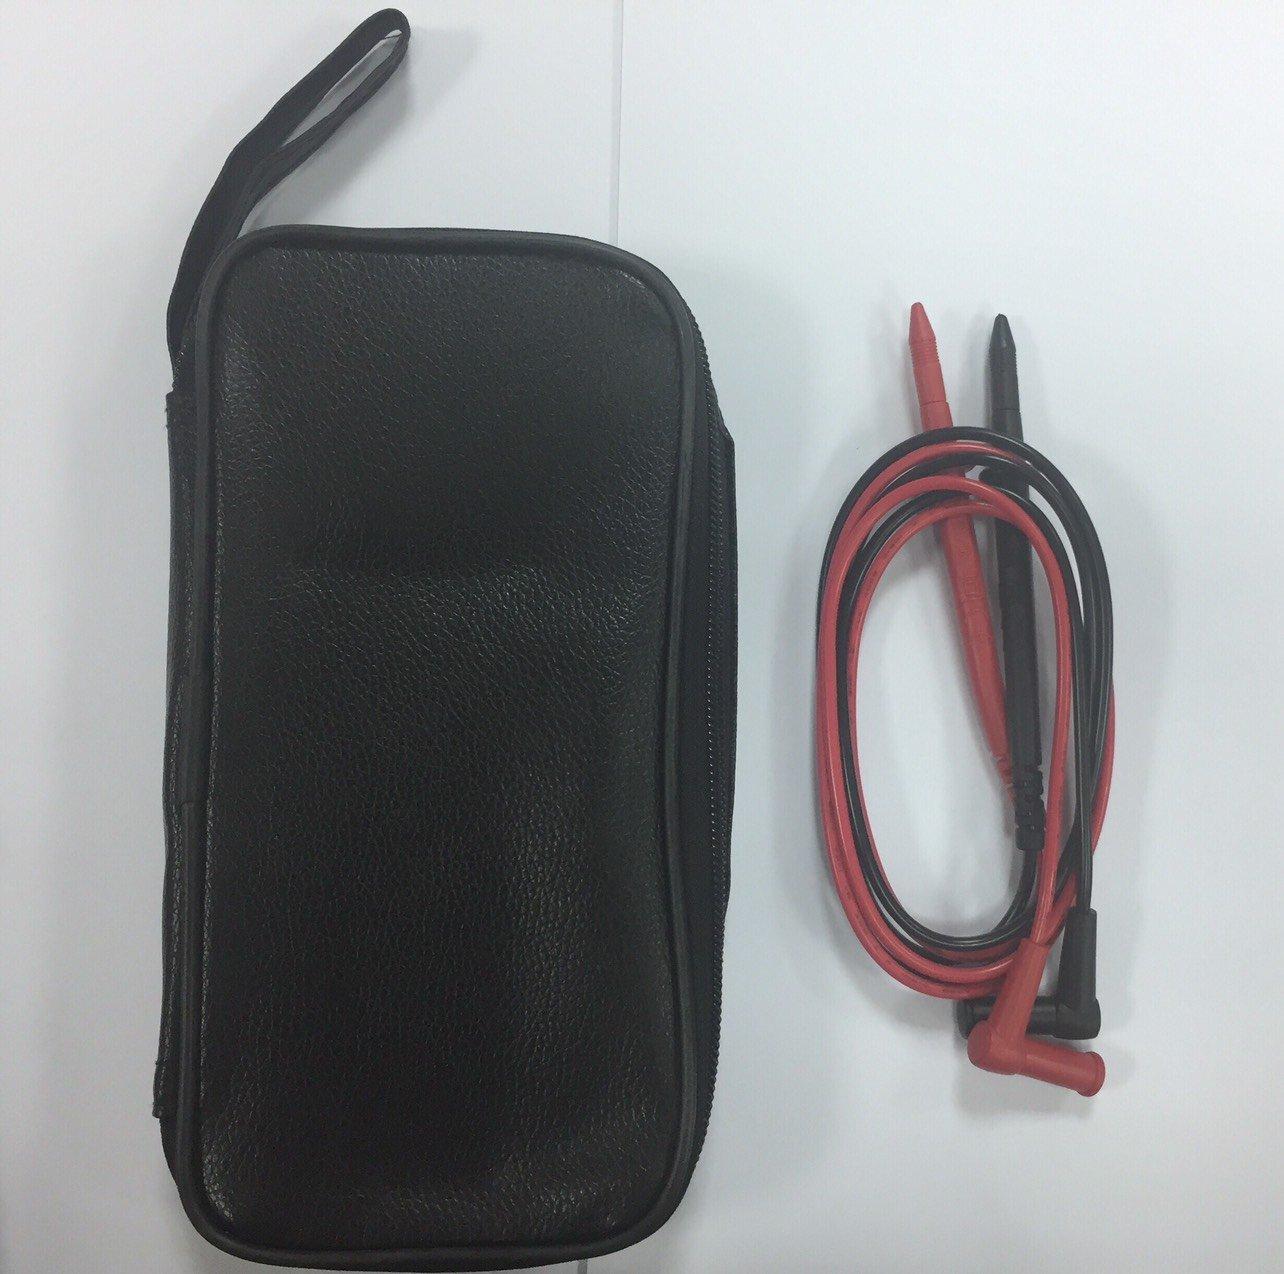 【電工 】探棒 皮套 (EM-400 交直流鉤錶用)